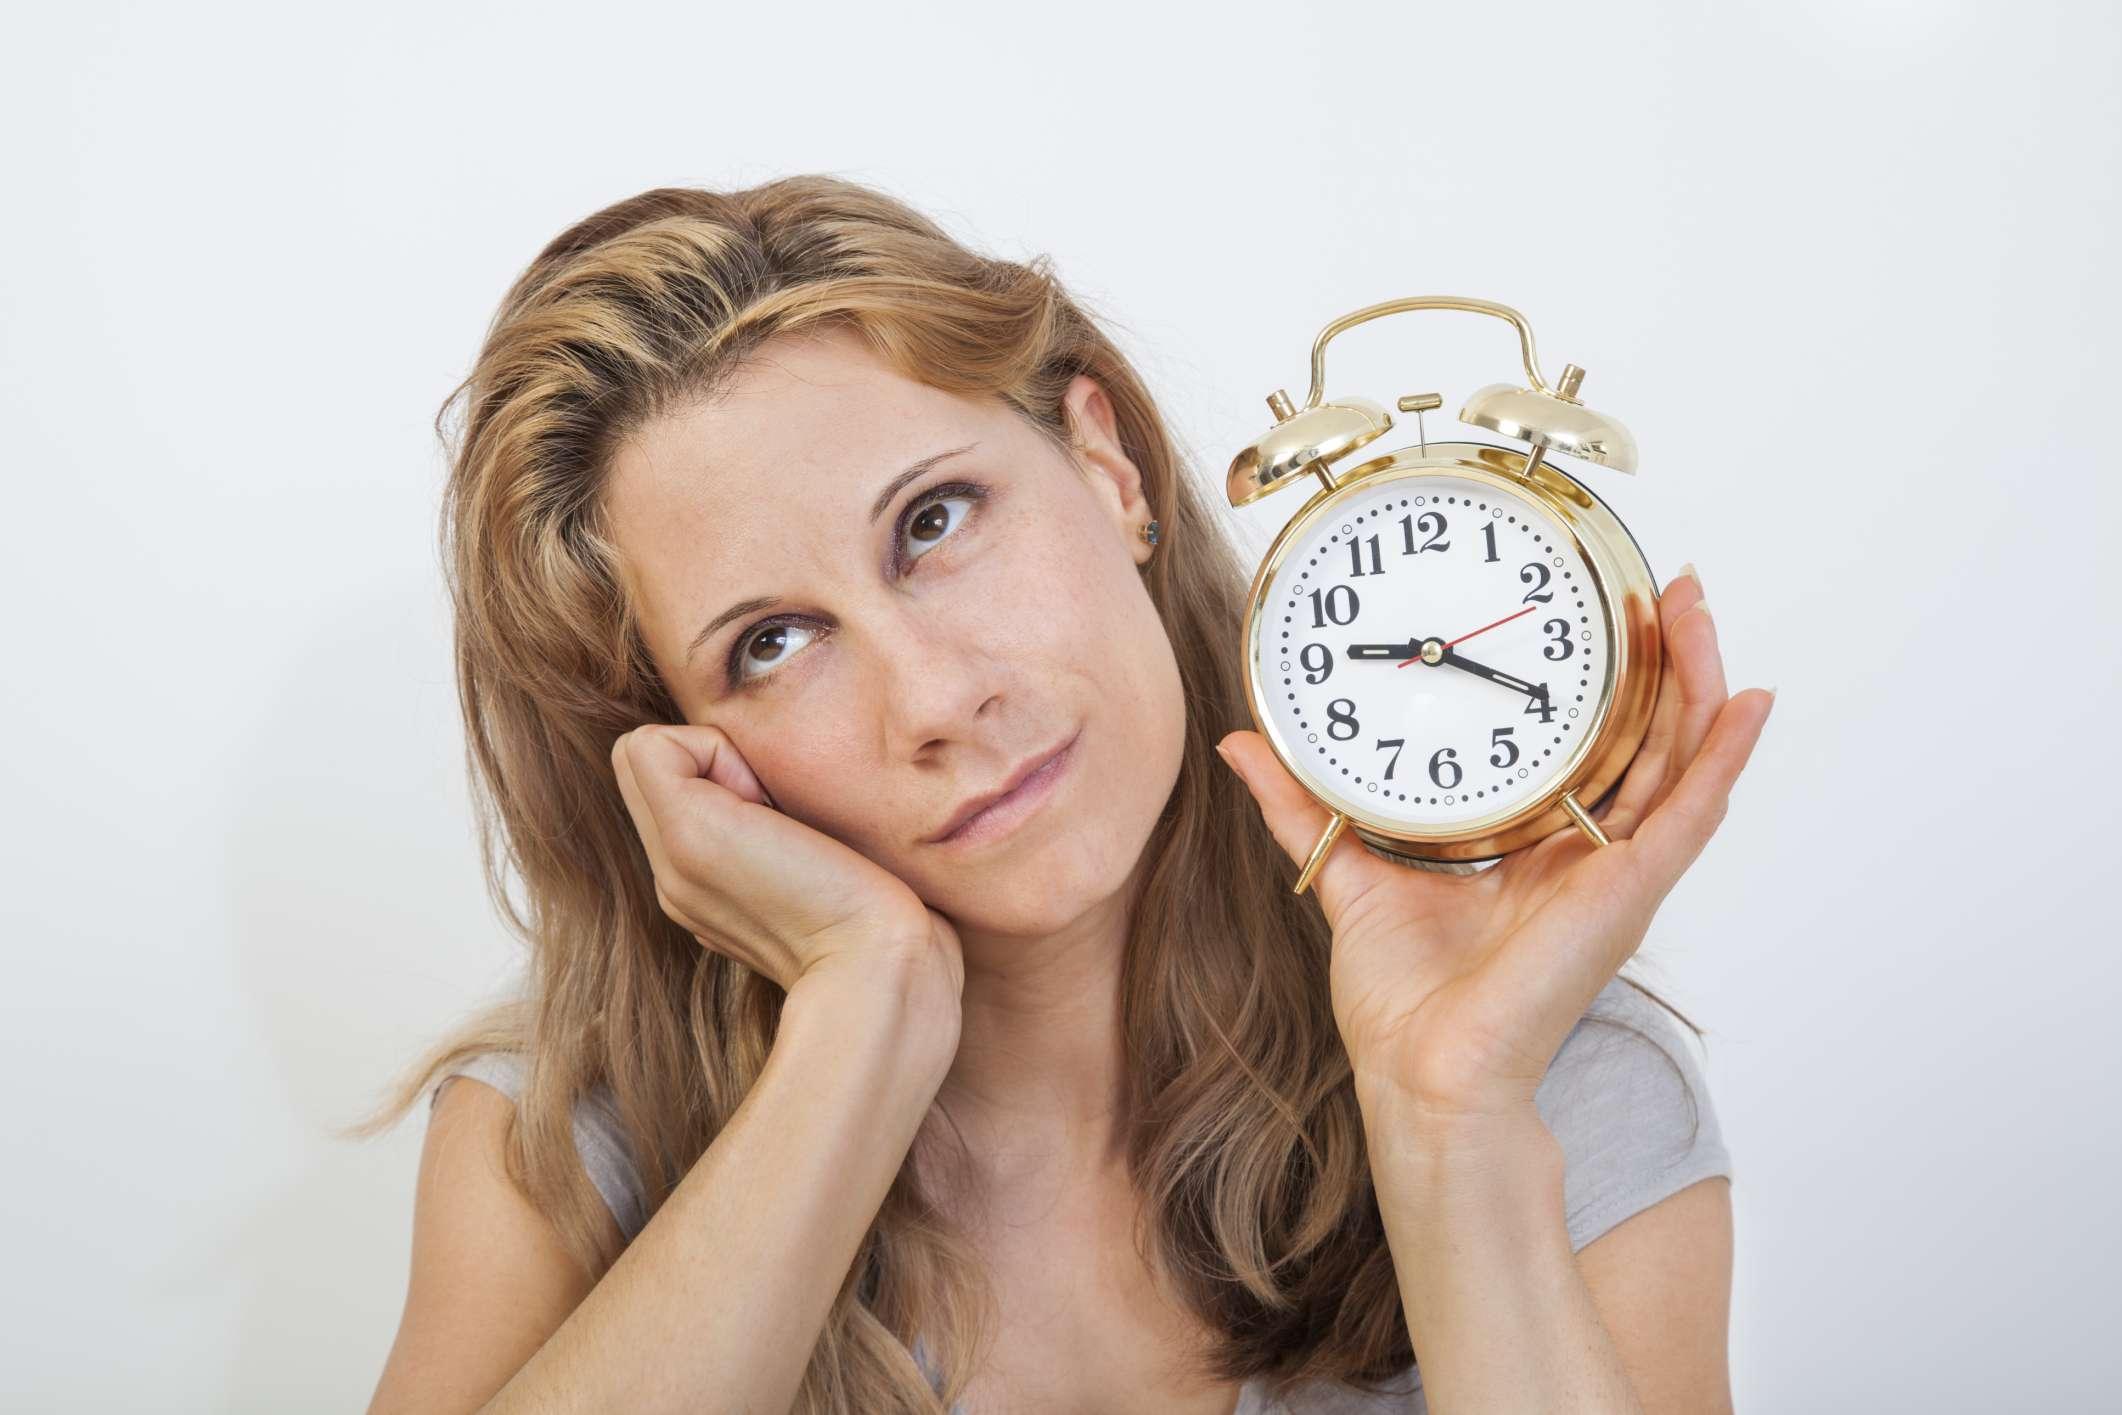 Imagen que muestra a una mujer sosteniendo un reloj con impaciencia